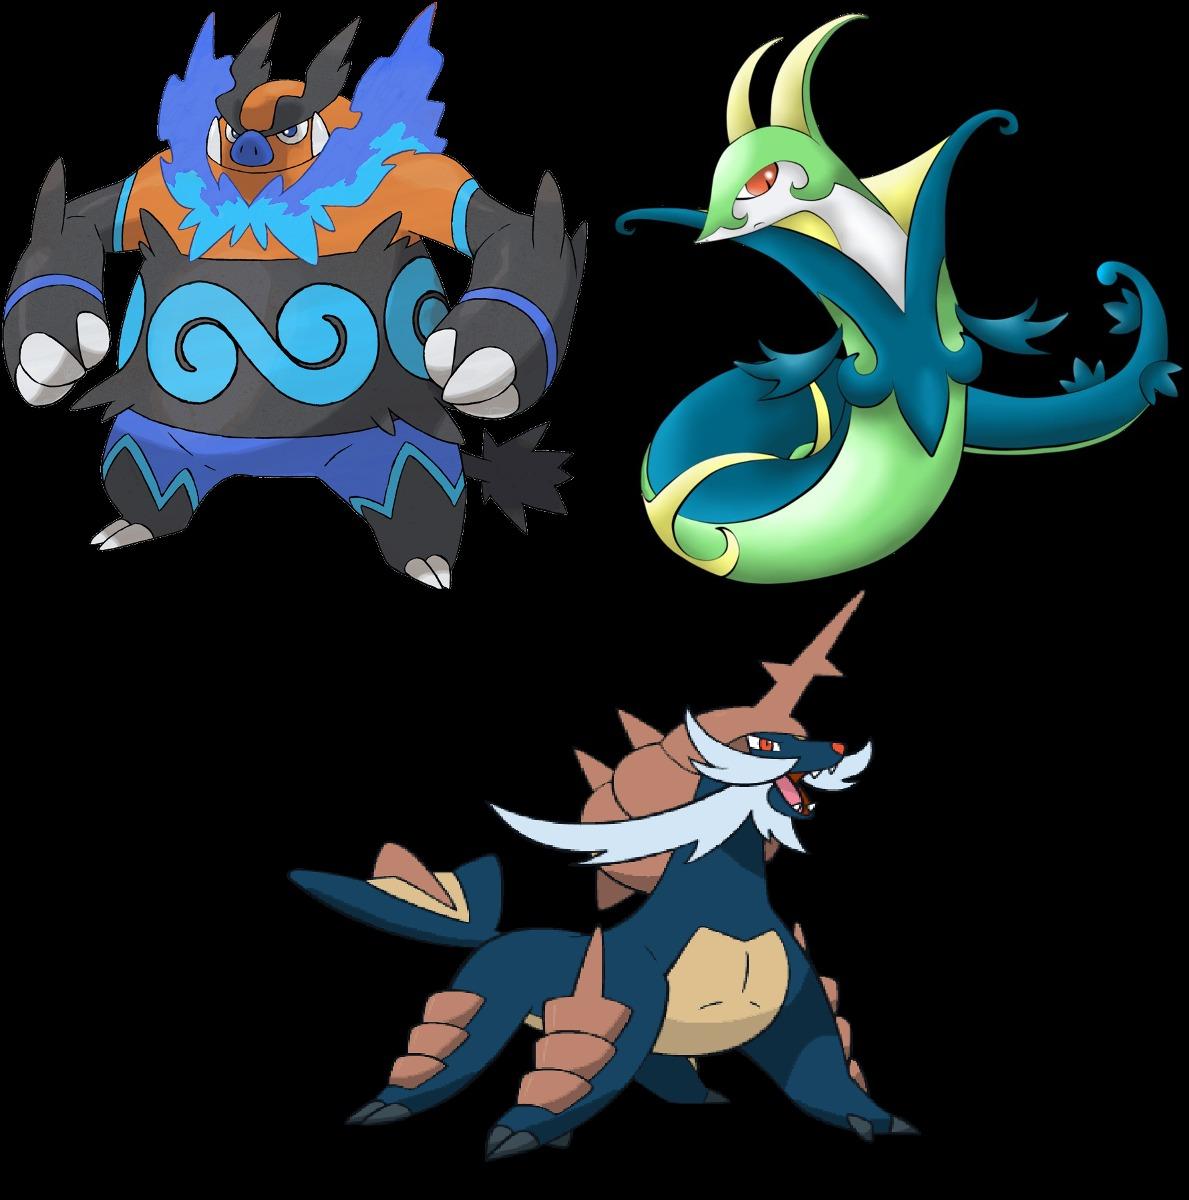 Pokemon Shiny Serperior Images | Pokemon Images